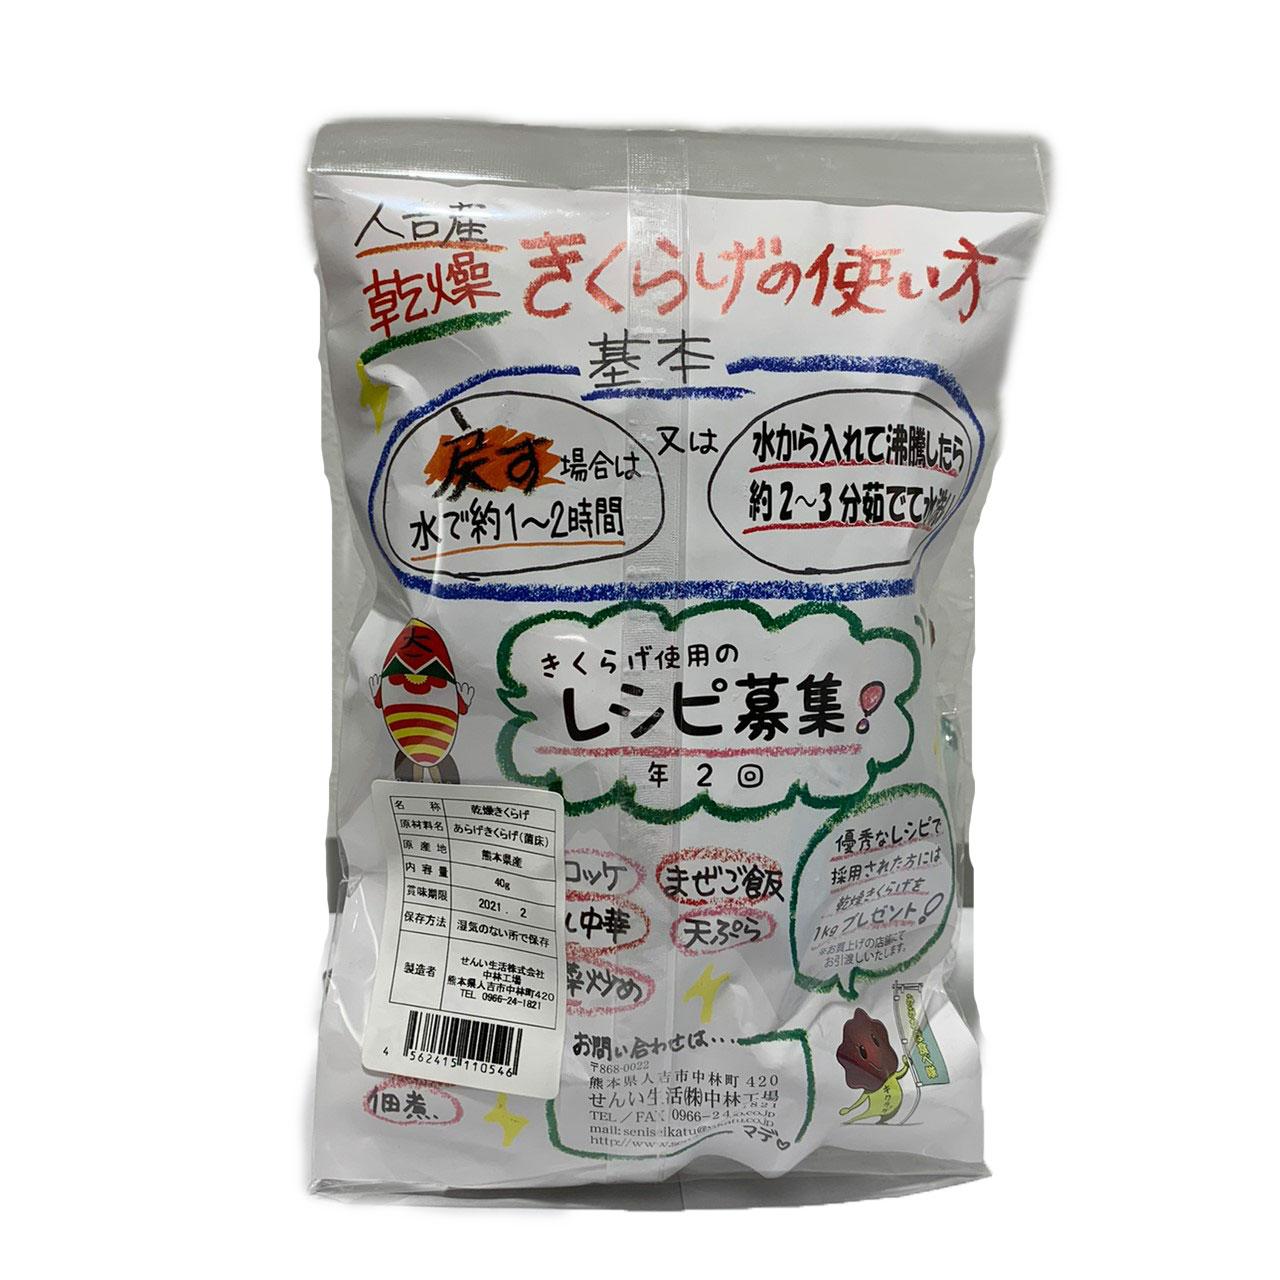 熊本県産 (人吉) 乾燥きくらげ 国産 55g×2袋 ぷりぷり感味が違う!